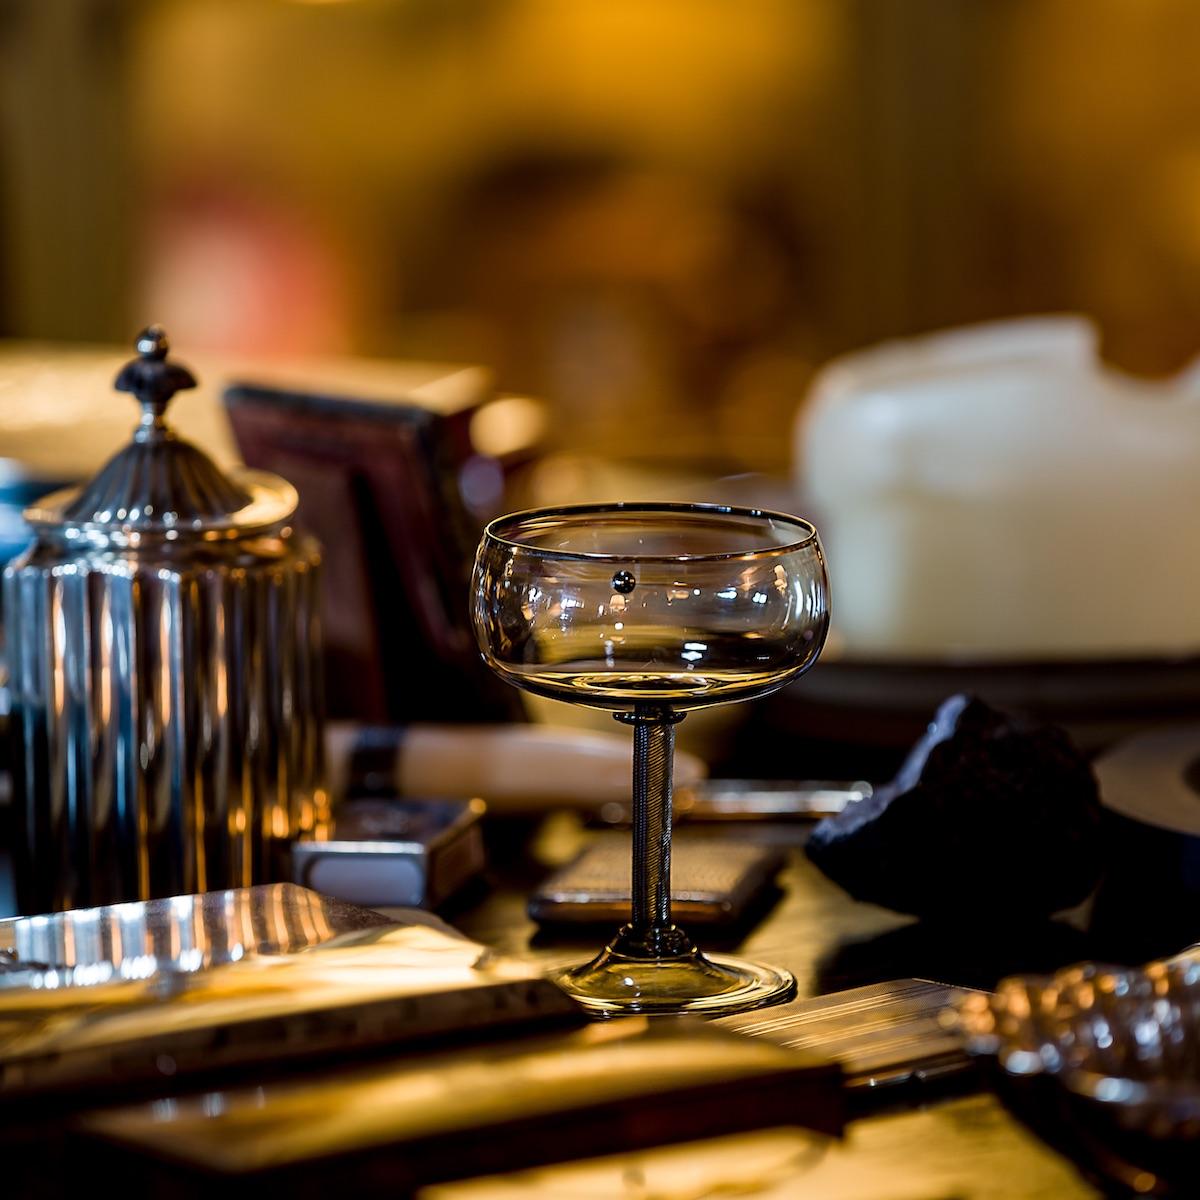 san-valentino-valentine-champagne-glass-cup-luxury-murano-venice